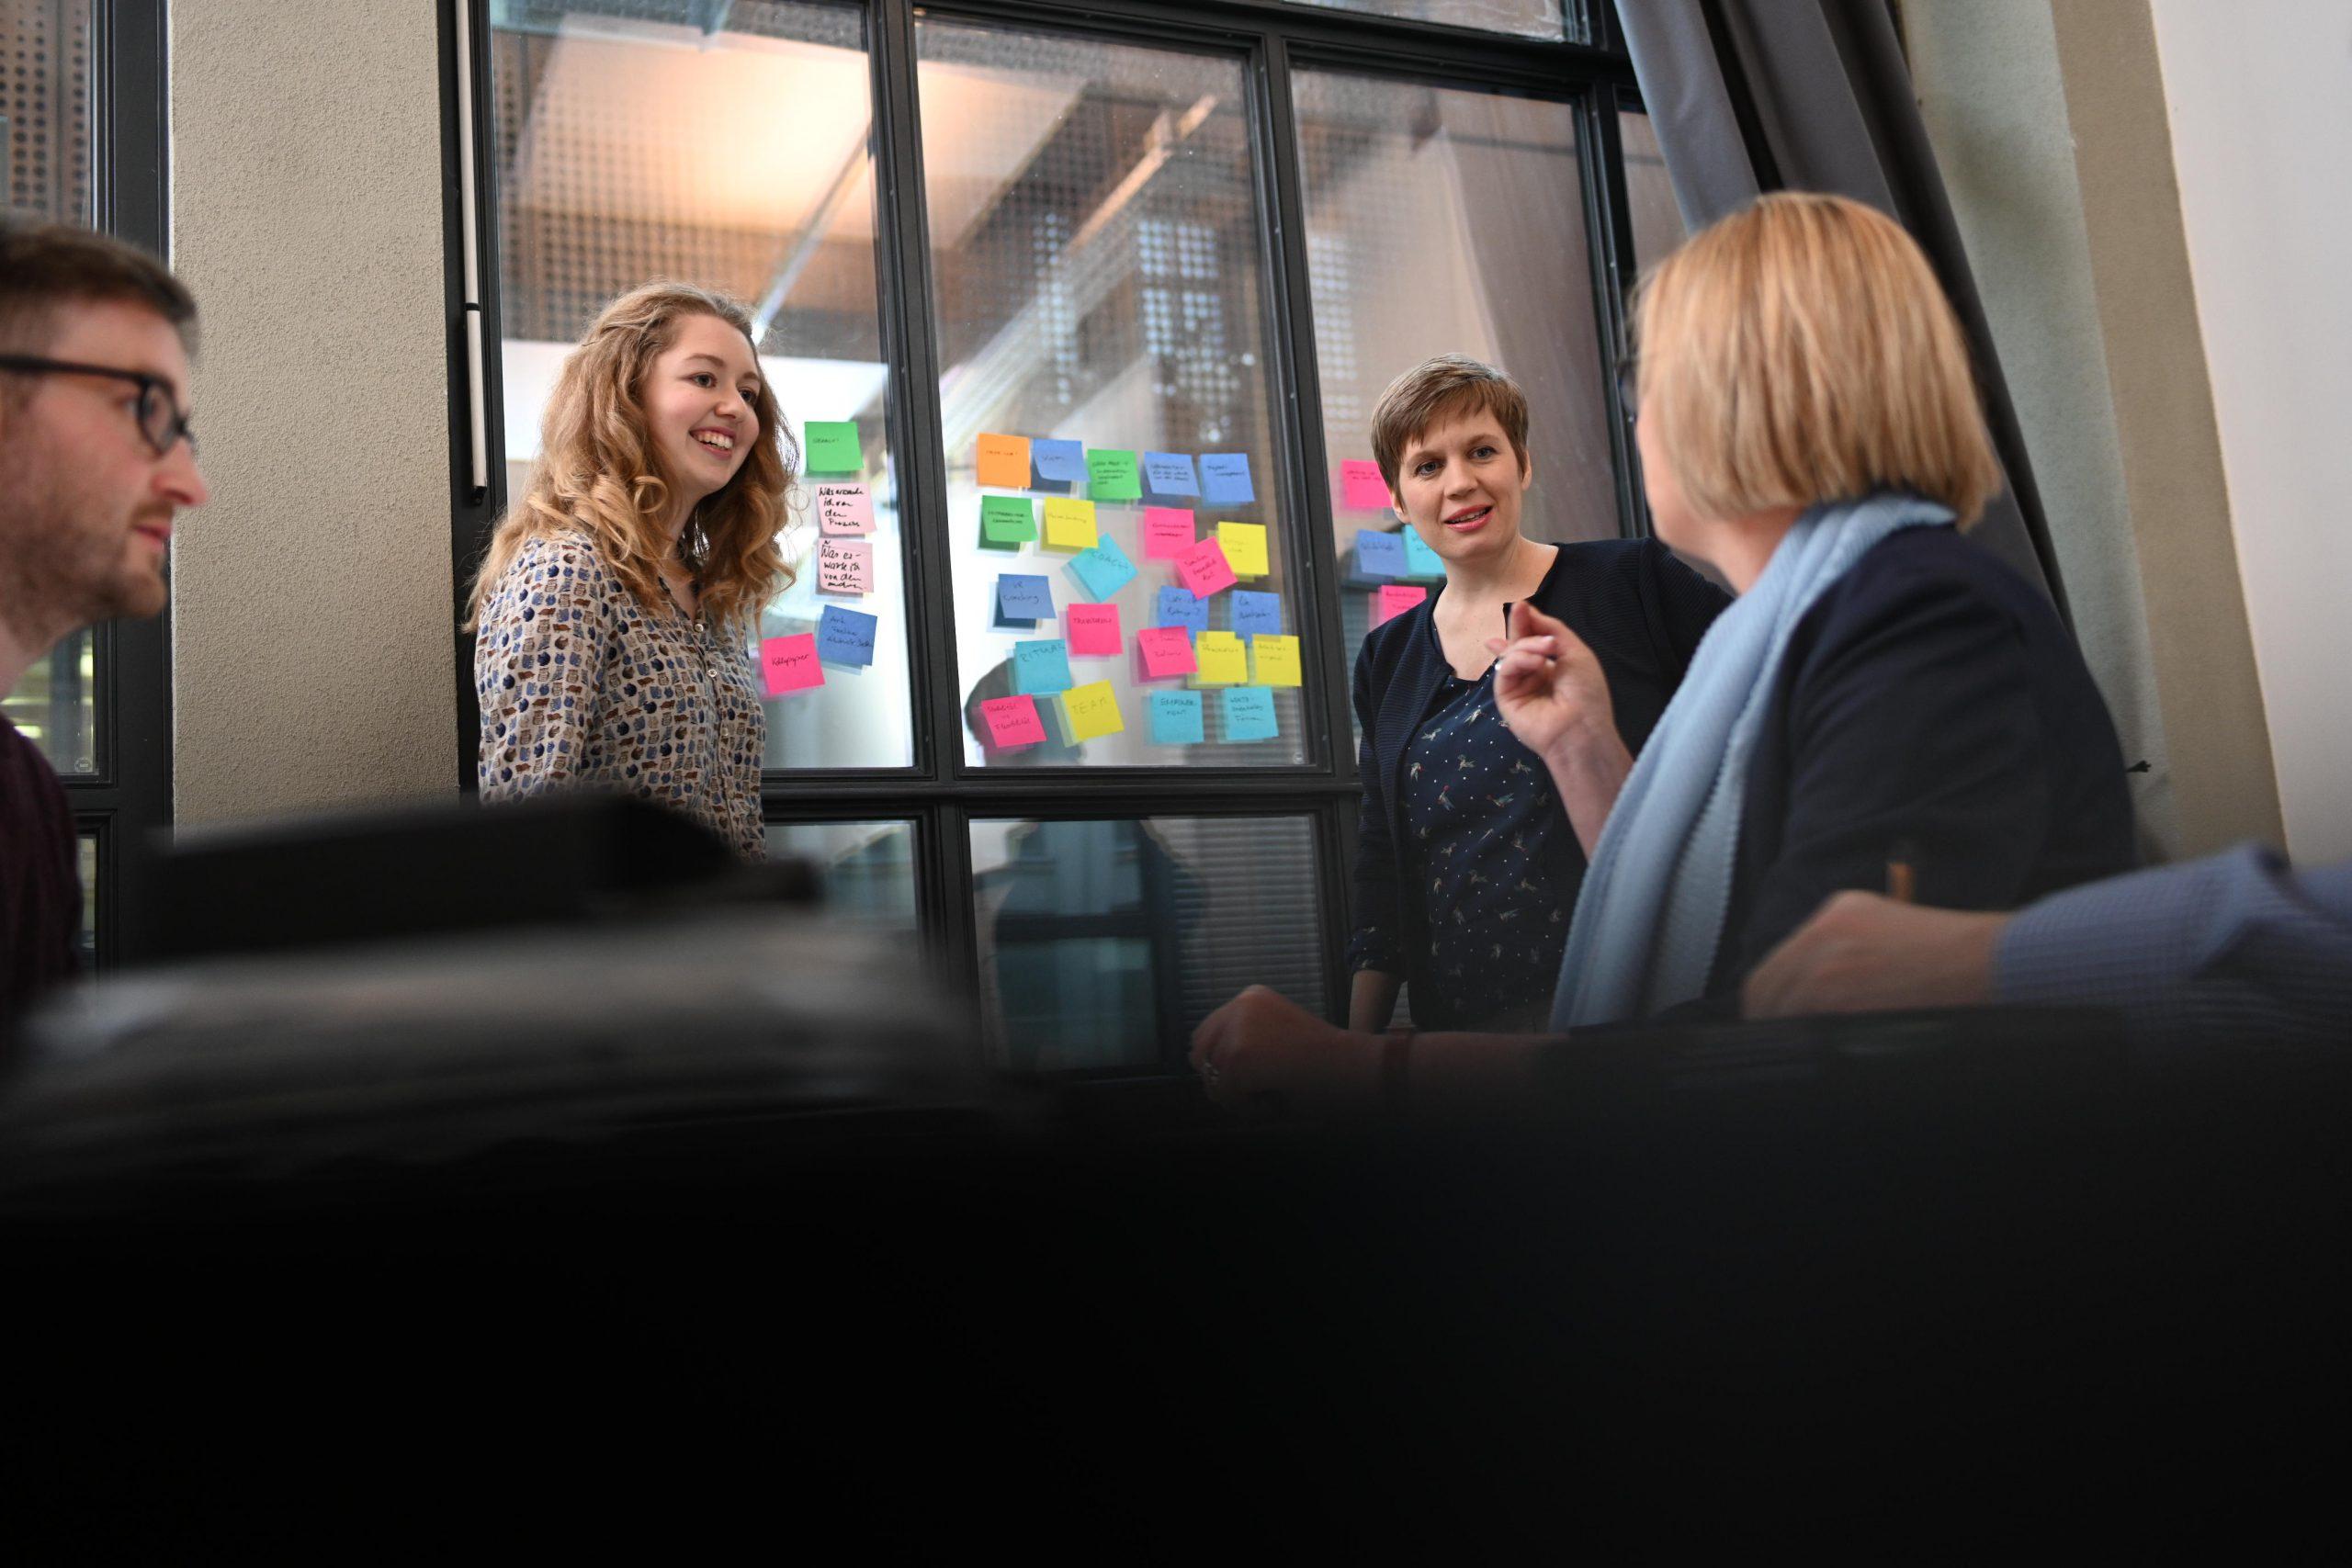 Mitarbeitende diskutieren ihre Veränderungsprozesse